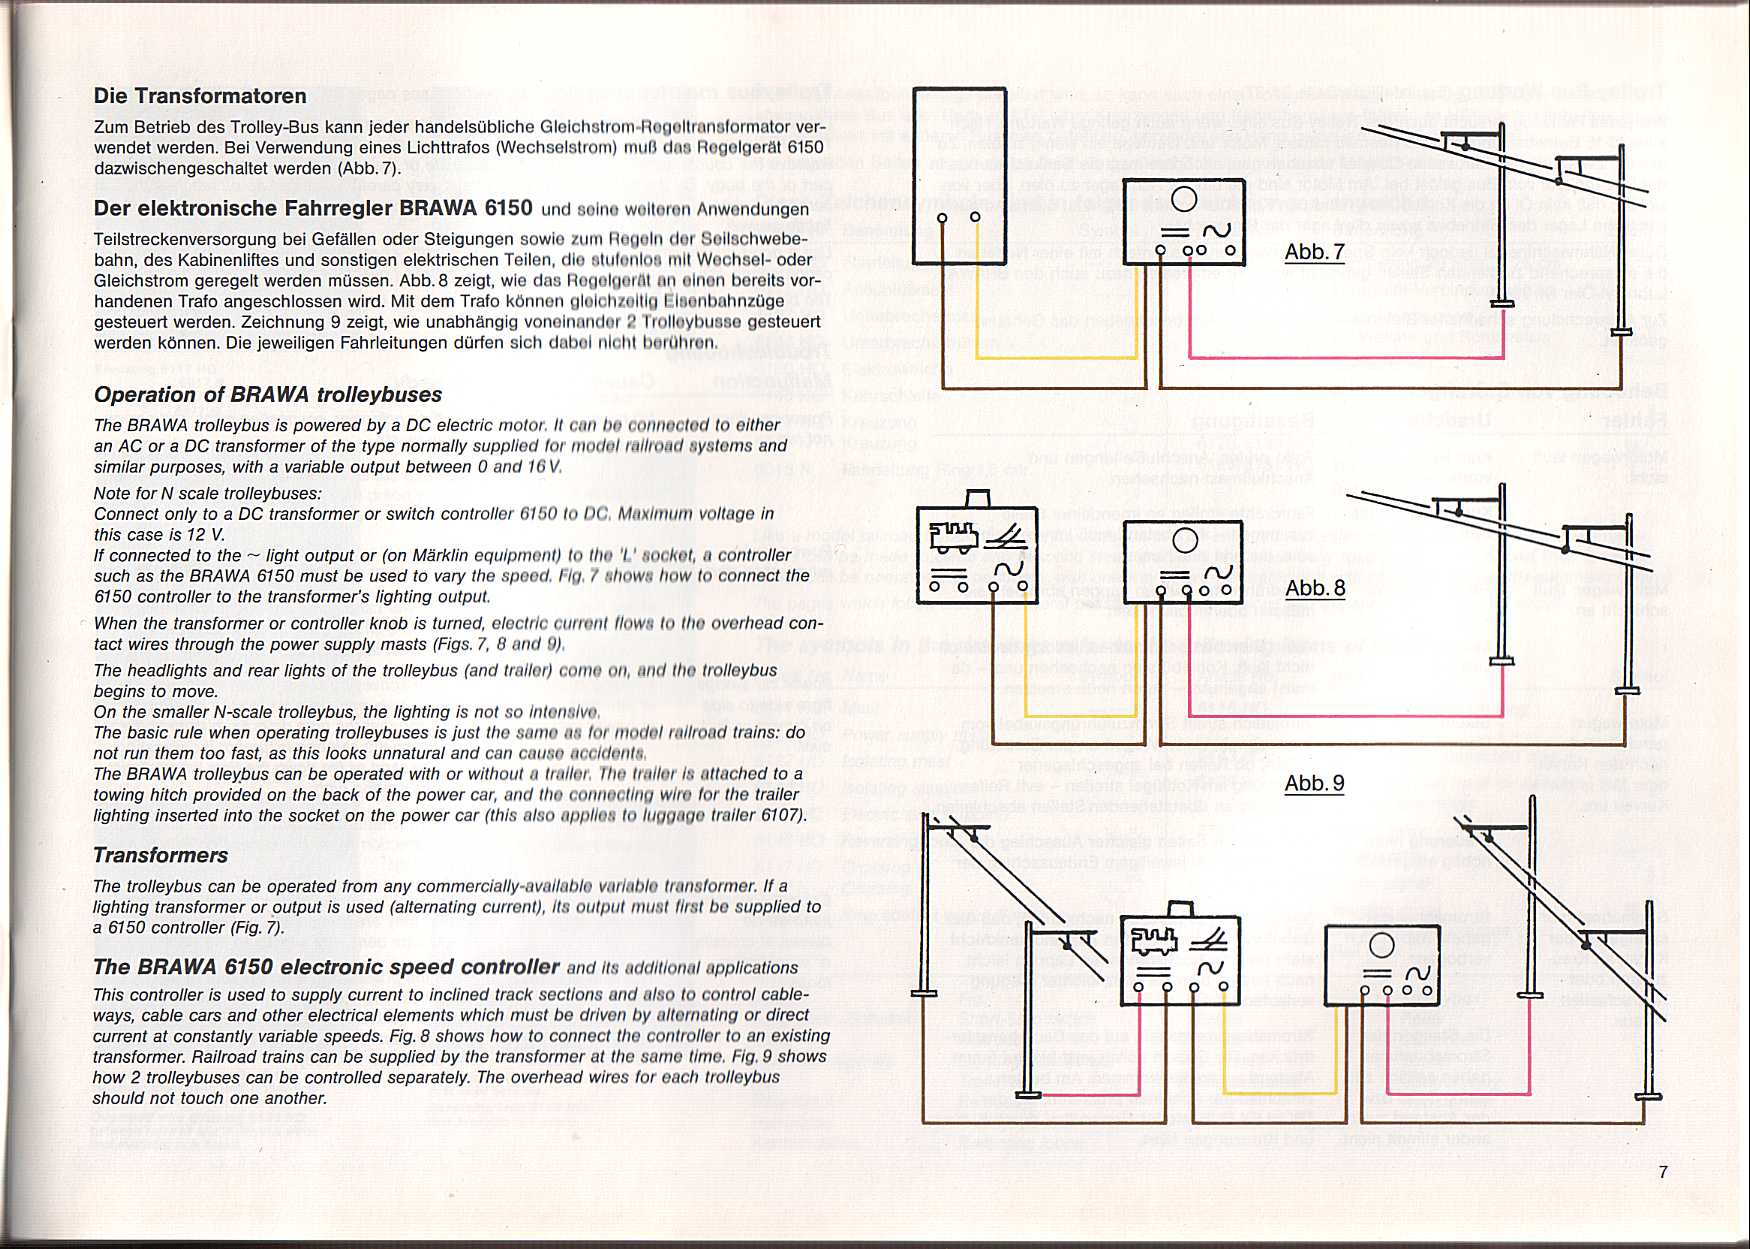 Wunderbar Wechselstromdigram Bilder - Der Schaltplan - triangre.info